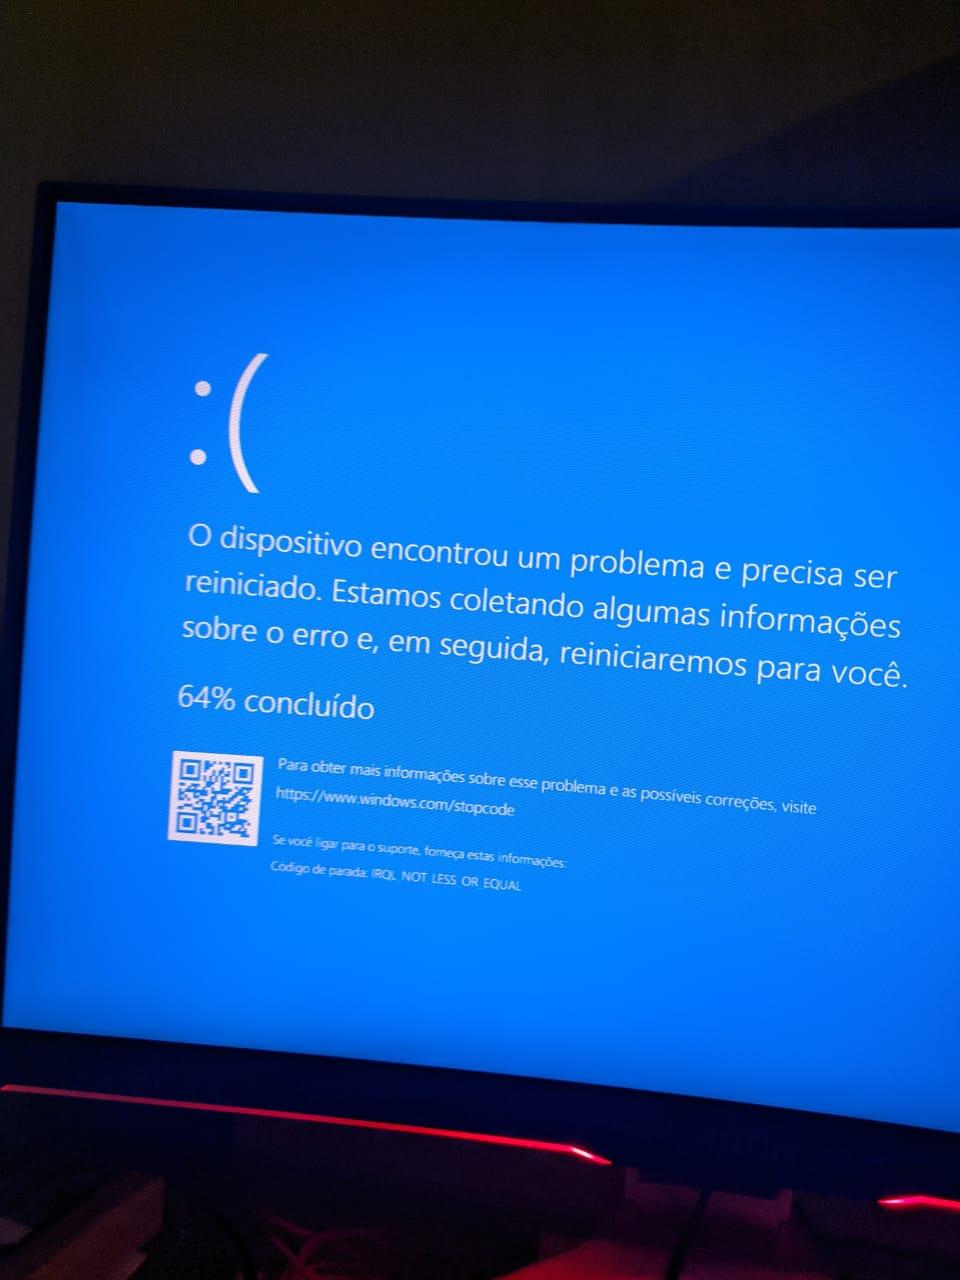 Problemas absurdos com o Bluetooth com a build 2004 do Windows 10 Pro x64 0fb78e5b-76fc-4513-bc88-e785bc28e030?upload=true.jpg